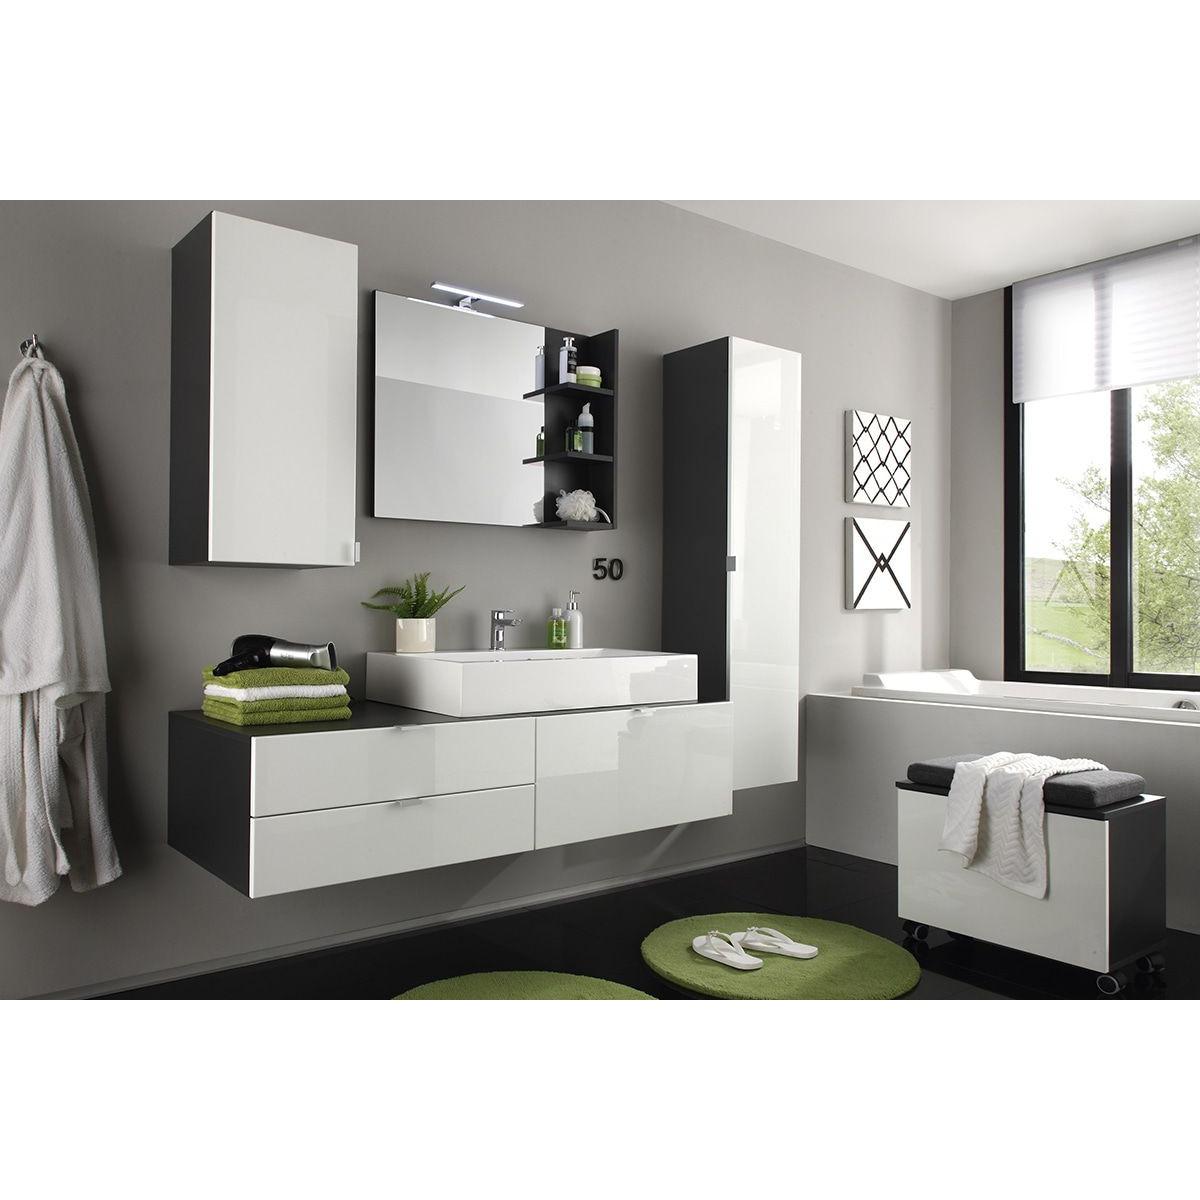 miroir salle de bain avec etagere soldes miroir de salle de bain avec 3 tag res coloris